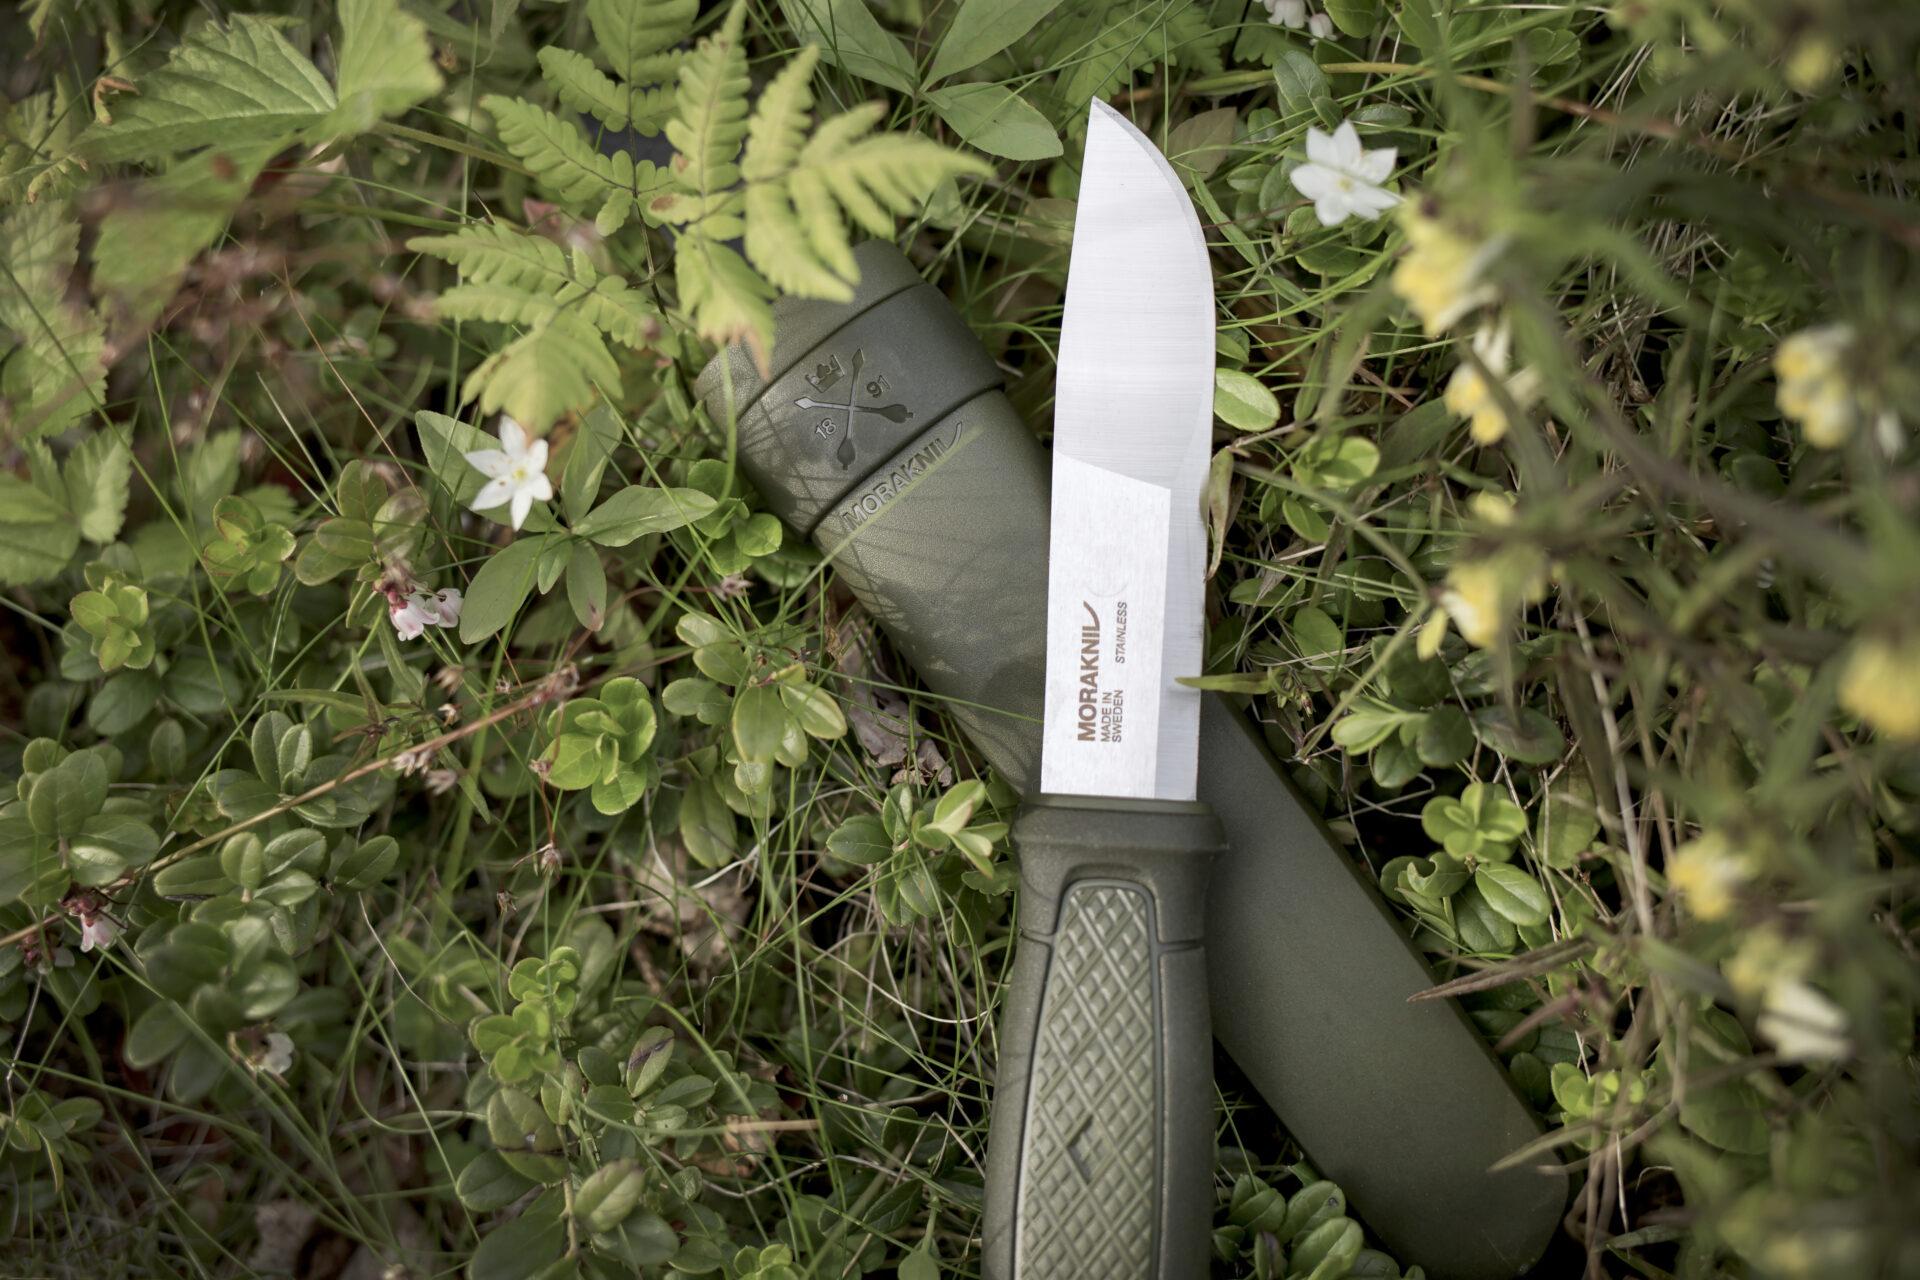 Morakniv Bushcraft Knife